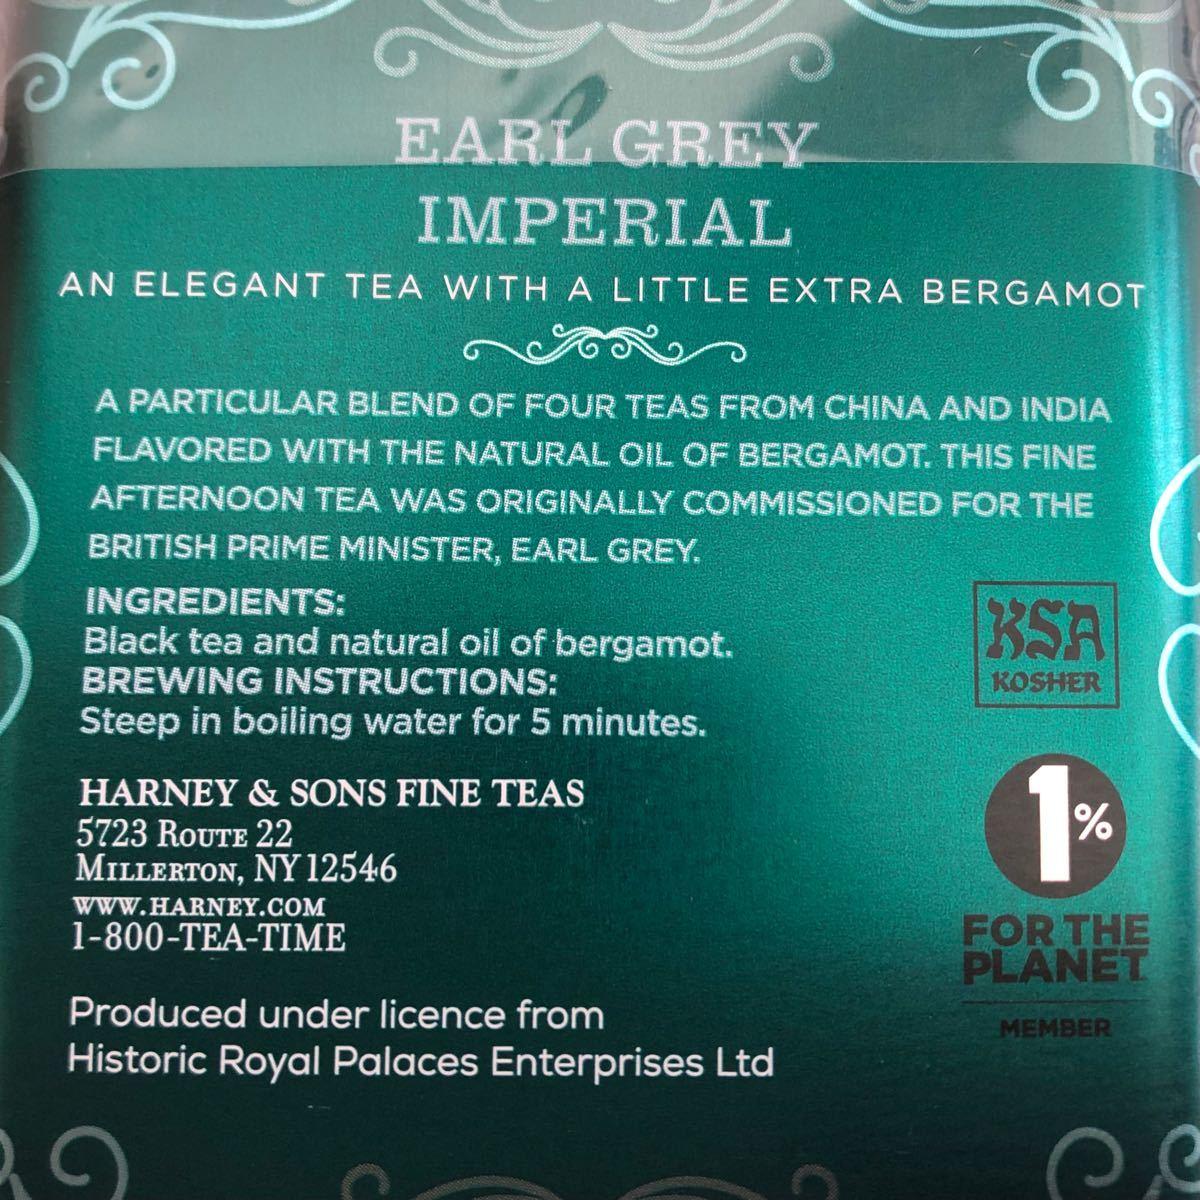 Harney & Sons「タワー・オブ・ロンドン」と「アールグレイ・インペリアル」のティーバック紅茶セット